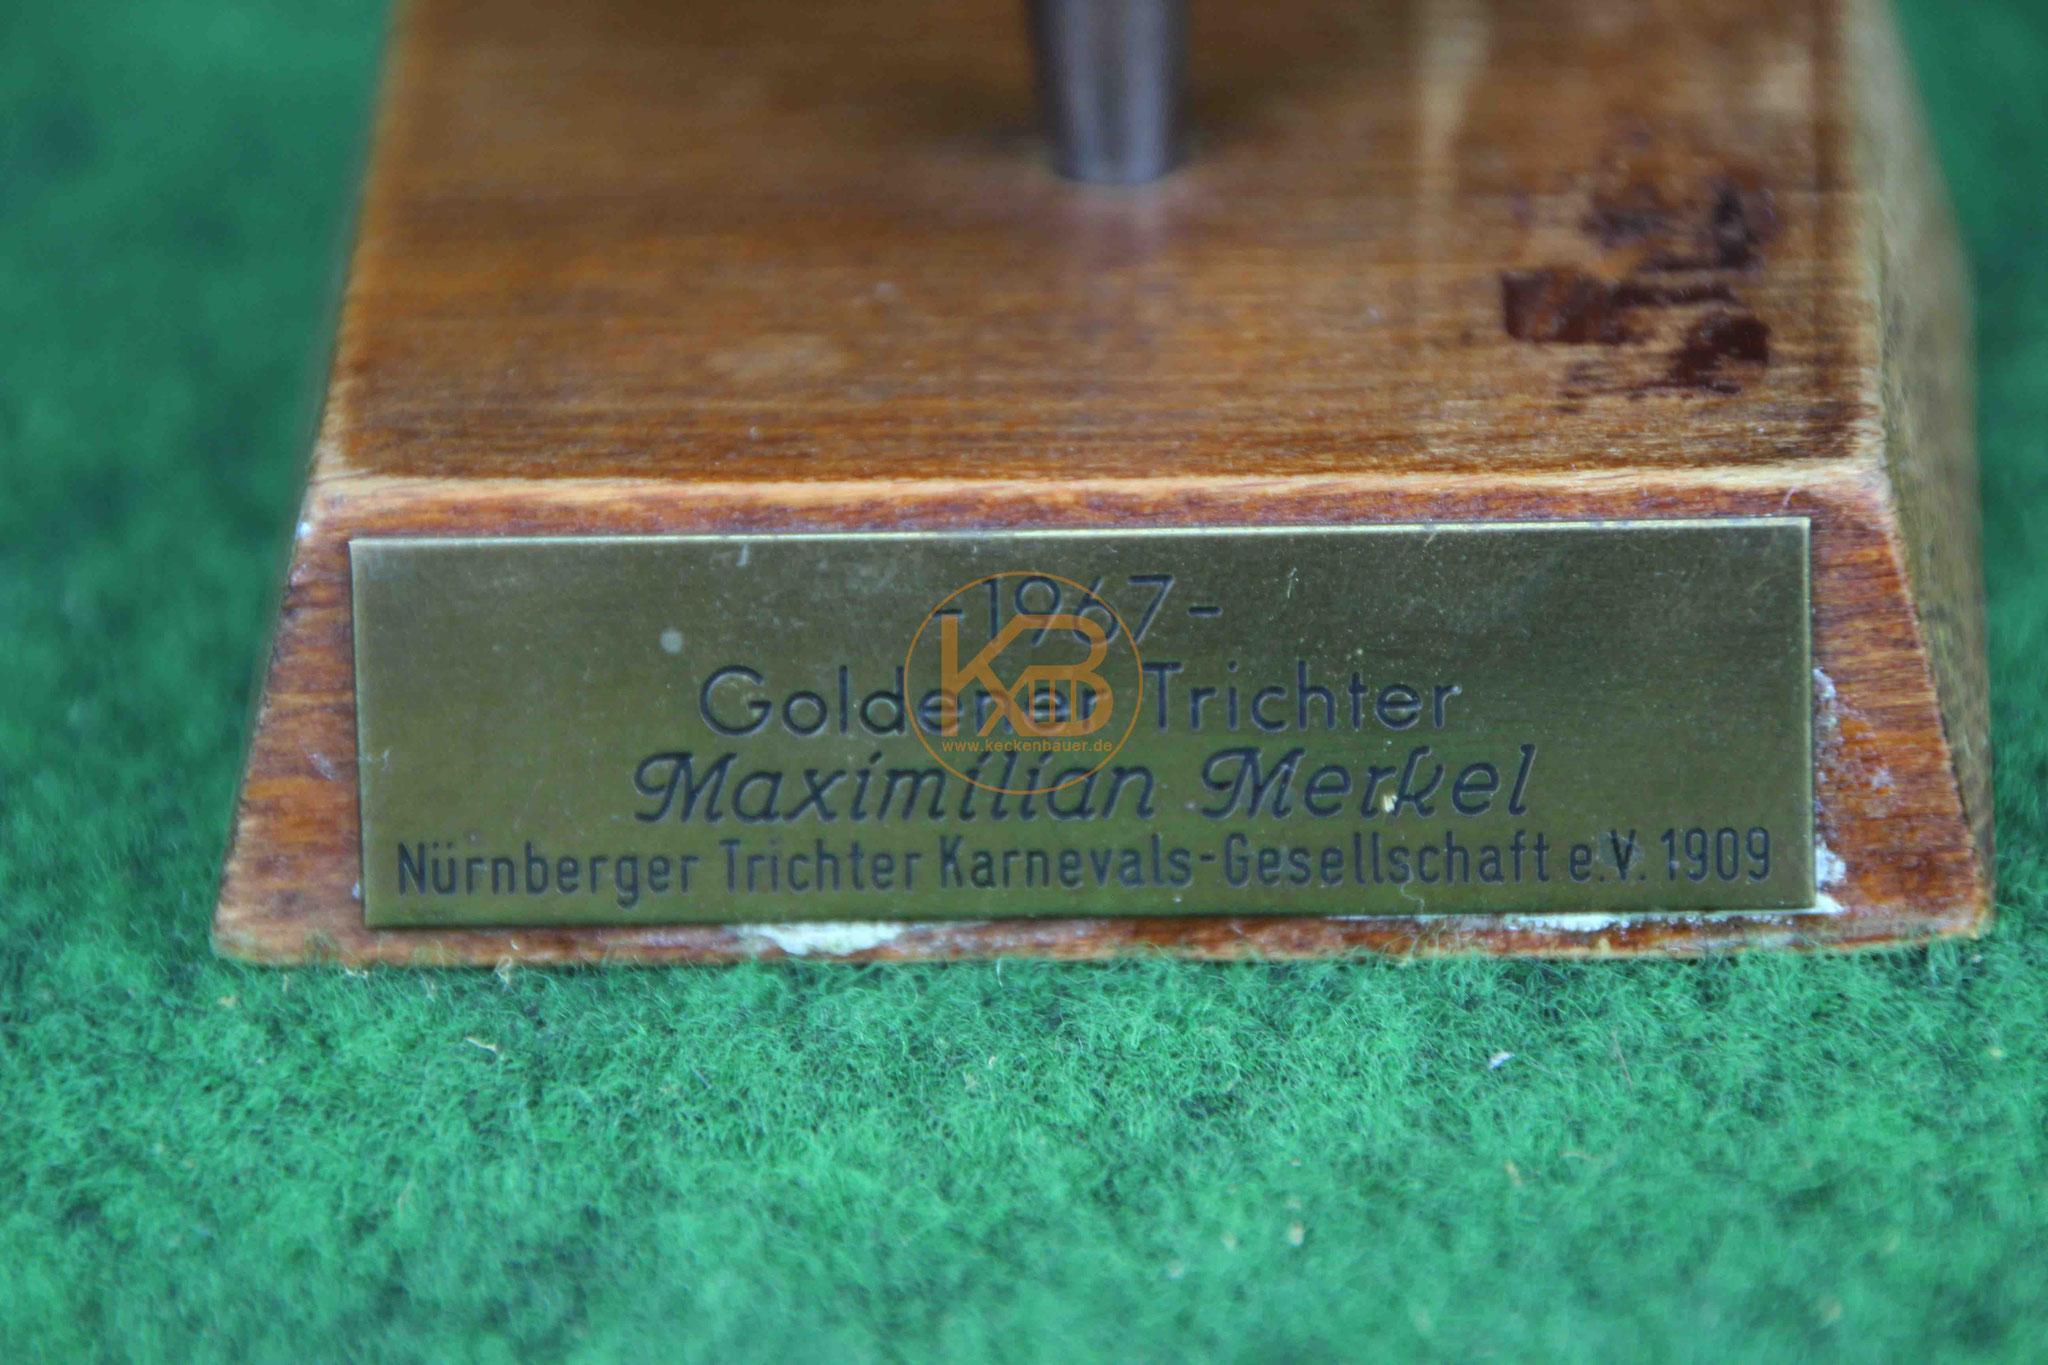 """Auszeichnung """"Der Goldene Trichter"""" verliehen von der Nürnberger Trichter Karnevals-Gesellschaft e.V. 1909 an Max Merkel im Jahr 1967 2/2"""